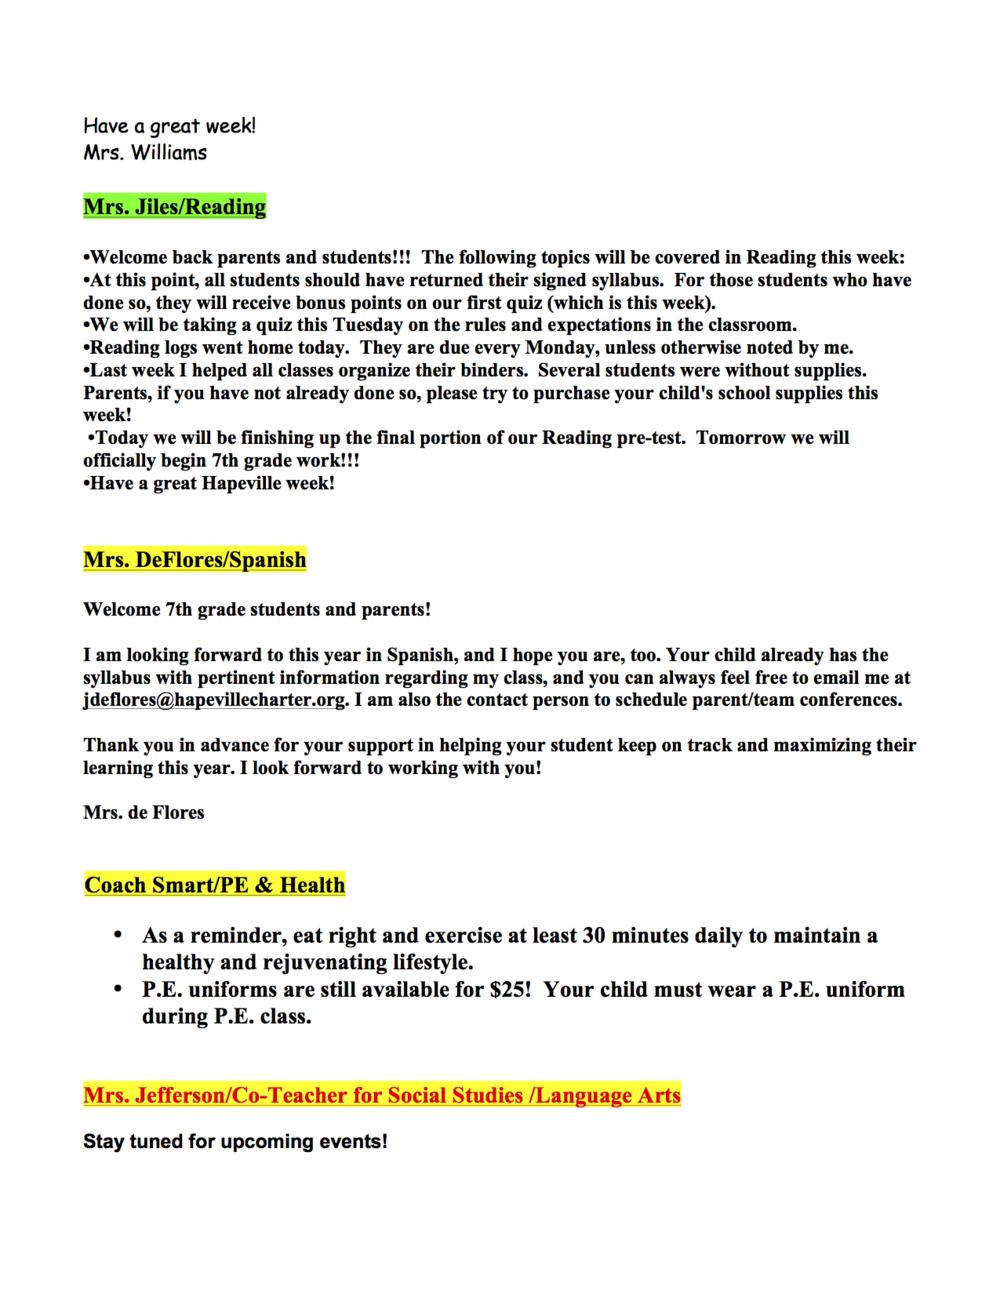 7thGradeNewsletter3.png